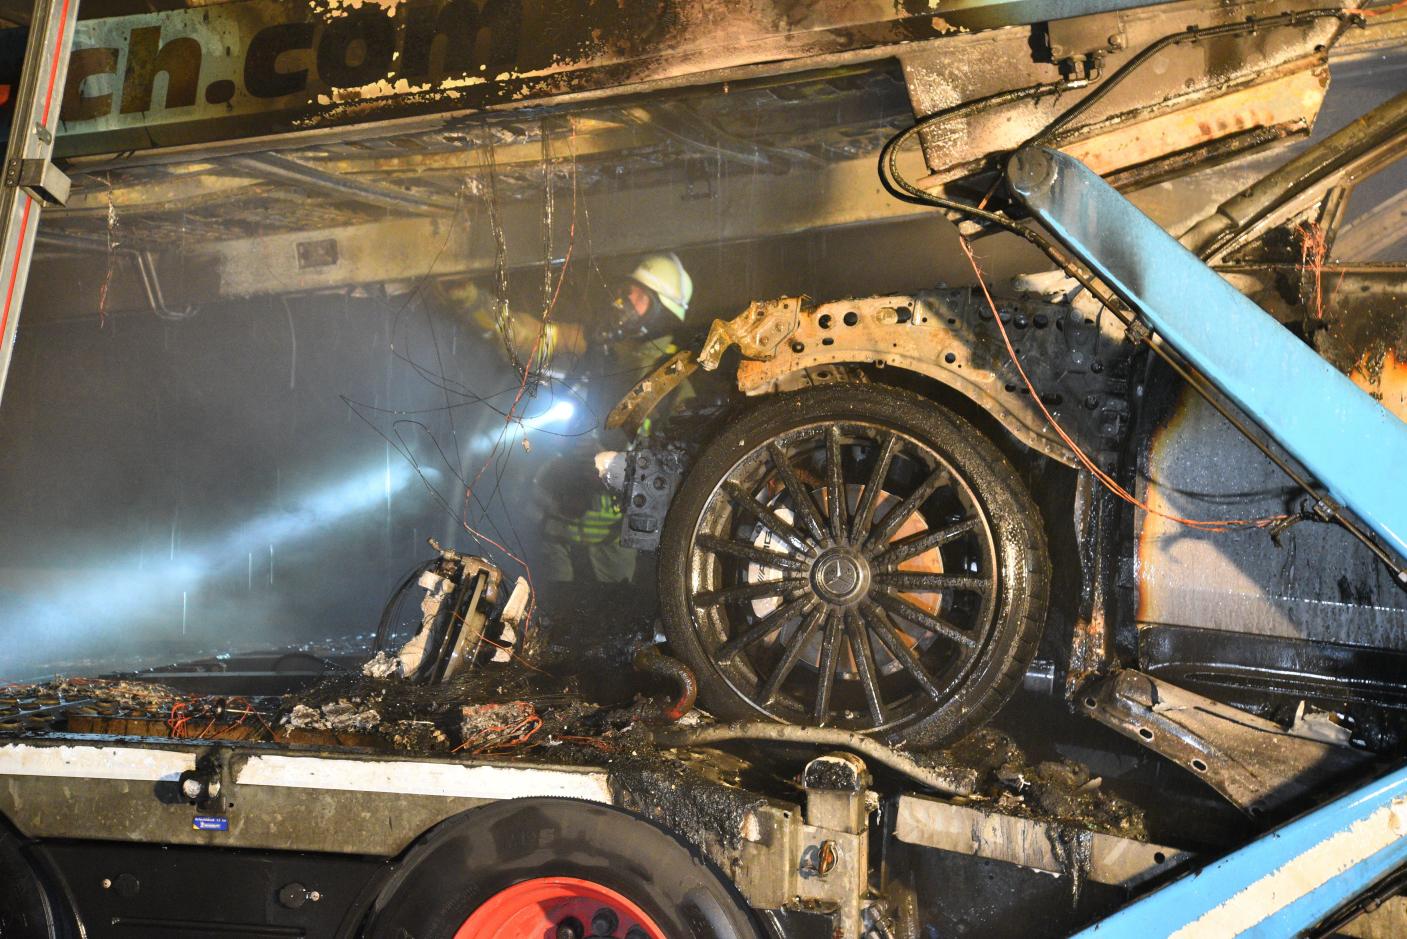 Mannheim: Mercedes Neufahrzeuge brennen auf der A6 - Gafferunfall auf der Gegenfahrbahn